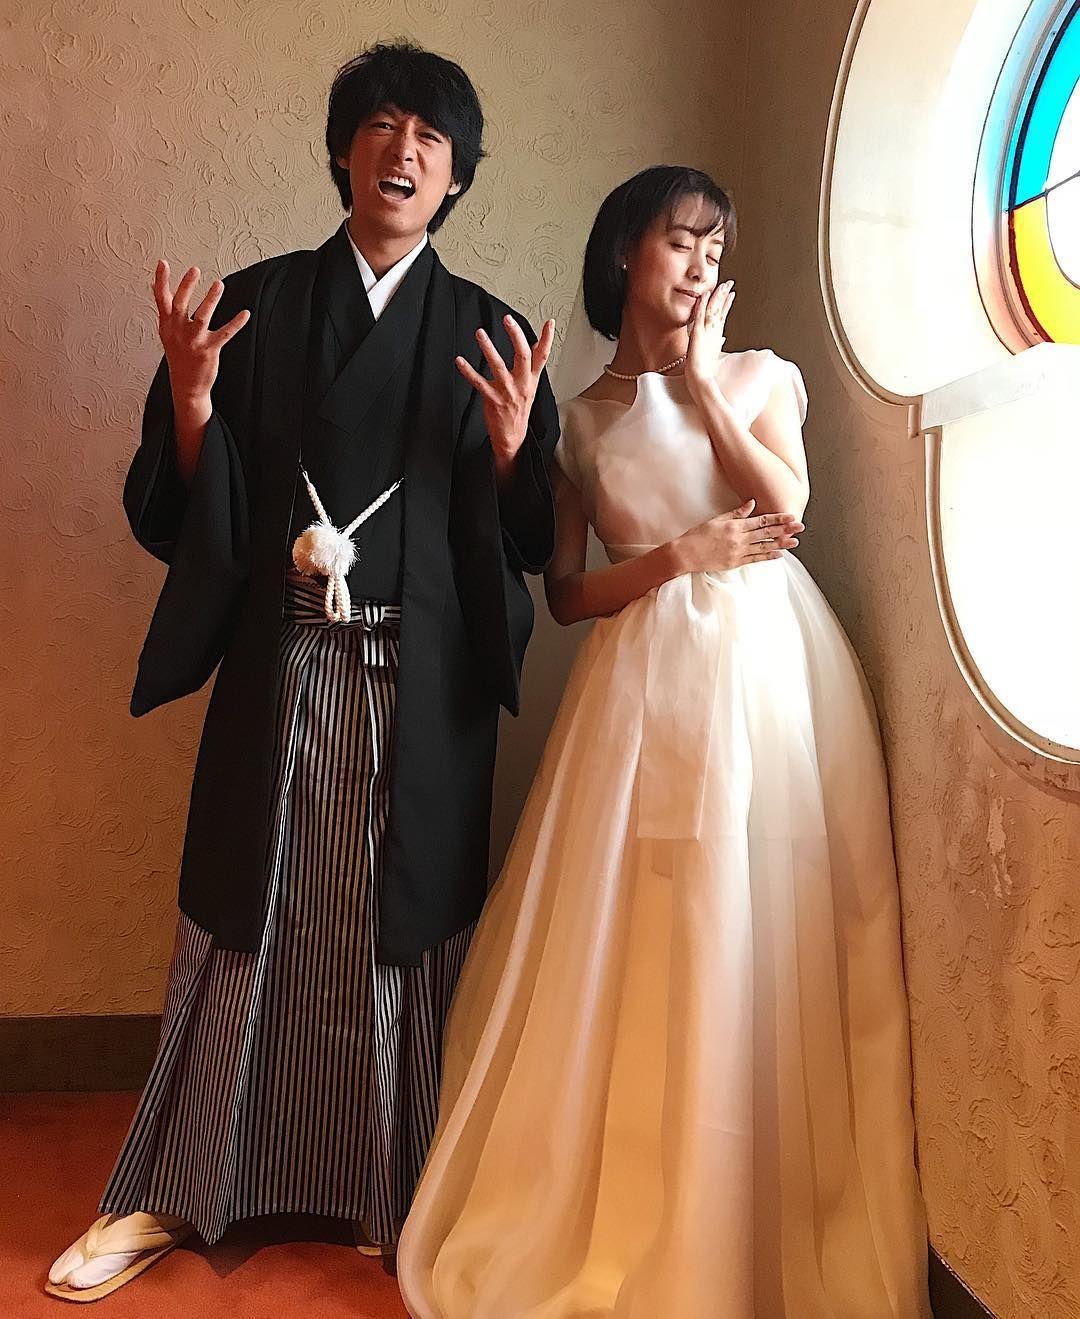 ロマンを感じる タキシード 和装 のコーディネートが斬新 Marry マリー ウェディングフォト 花嫁 ドレス